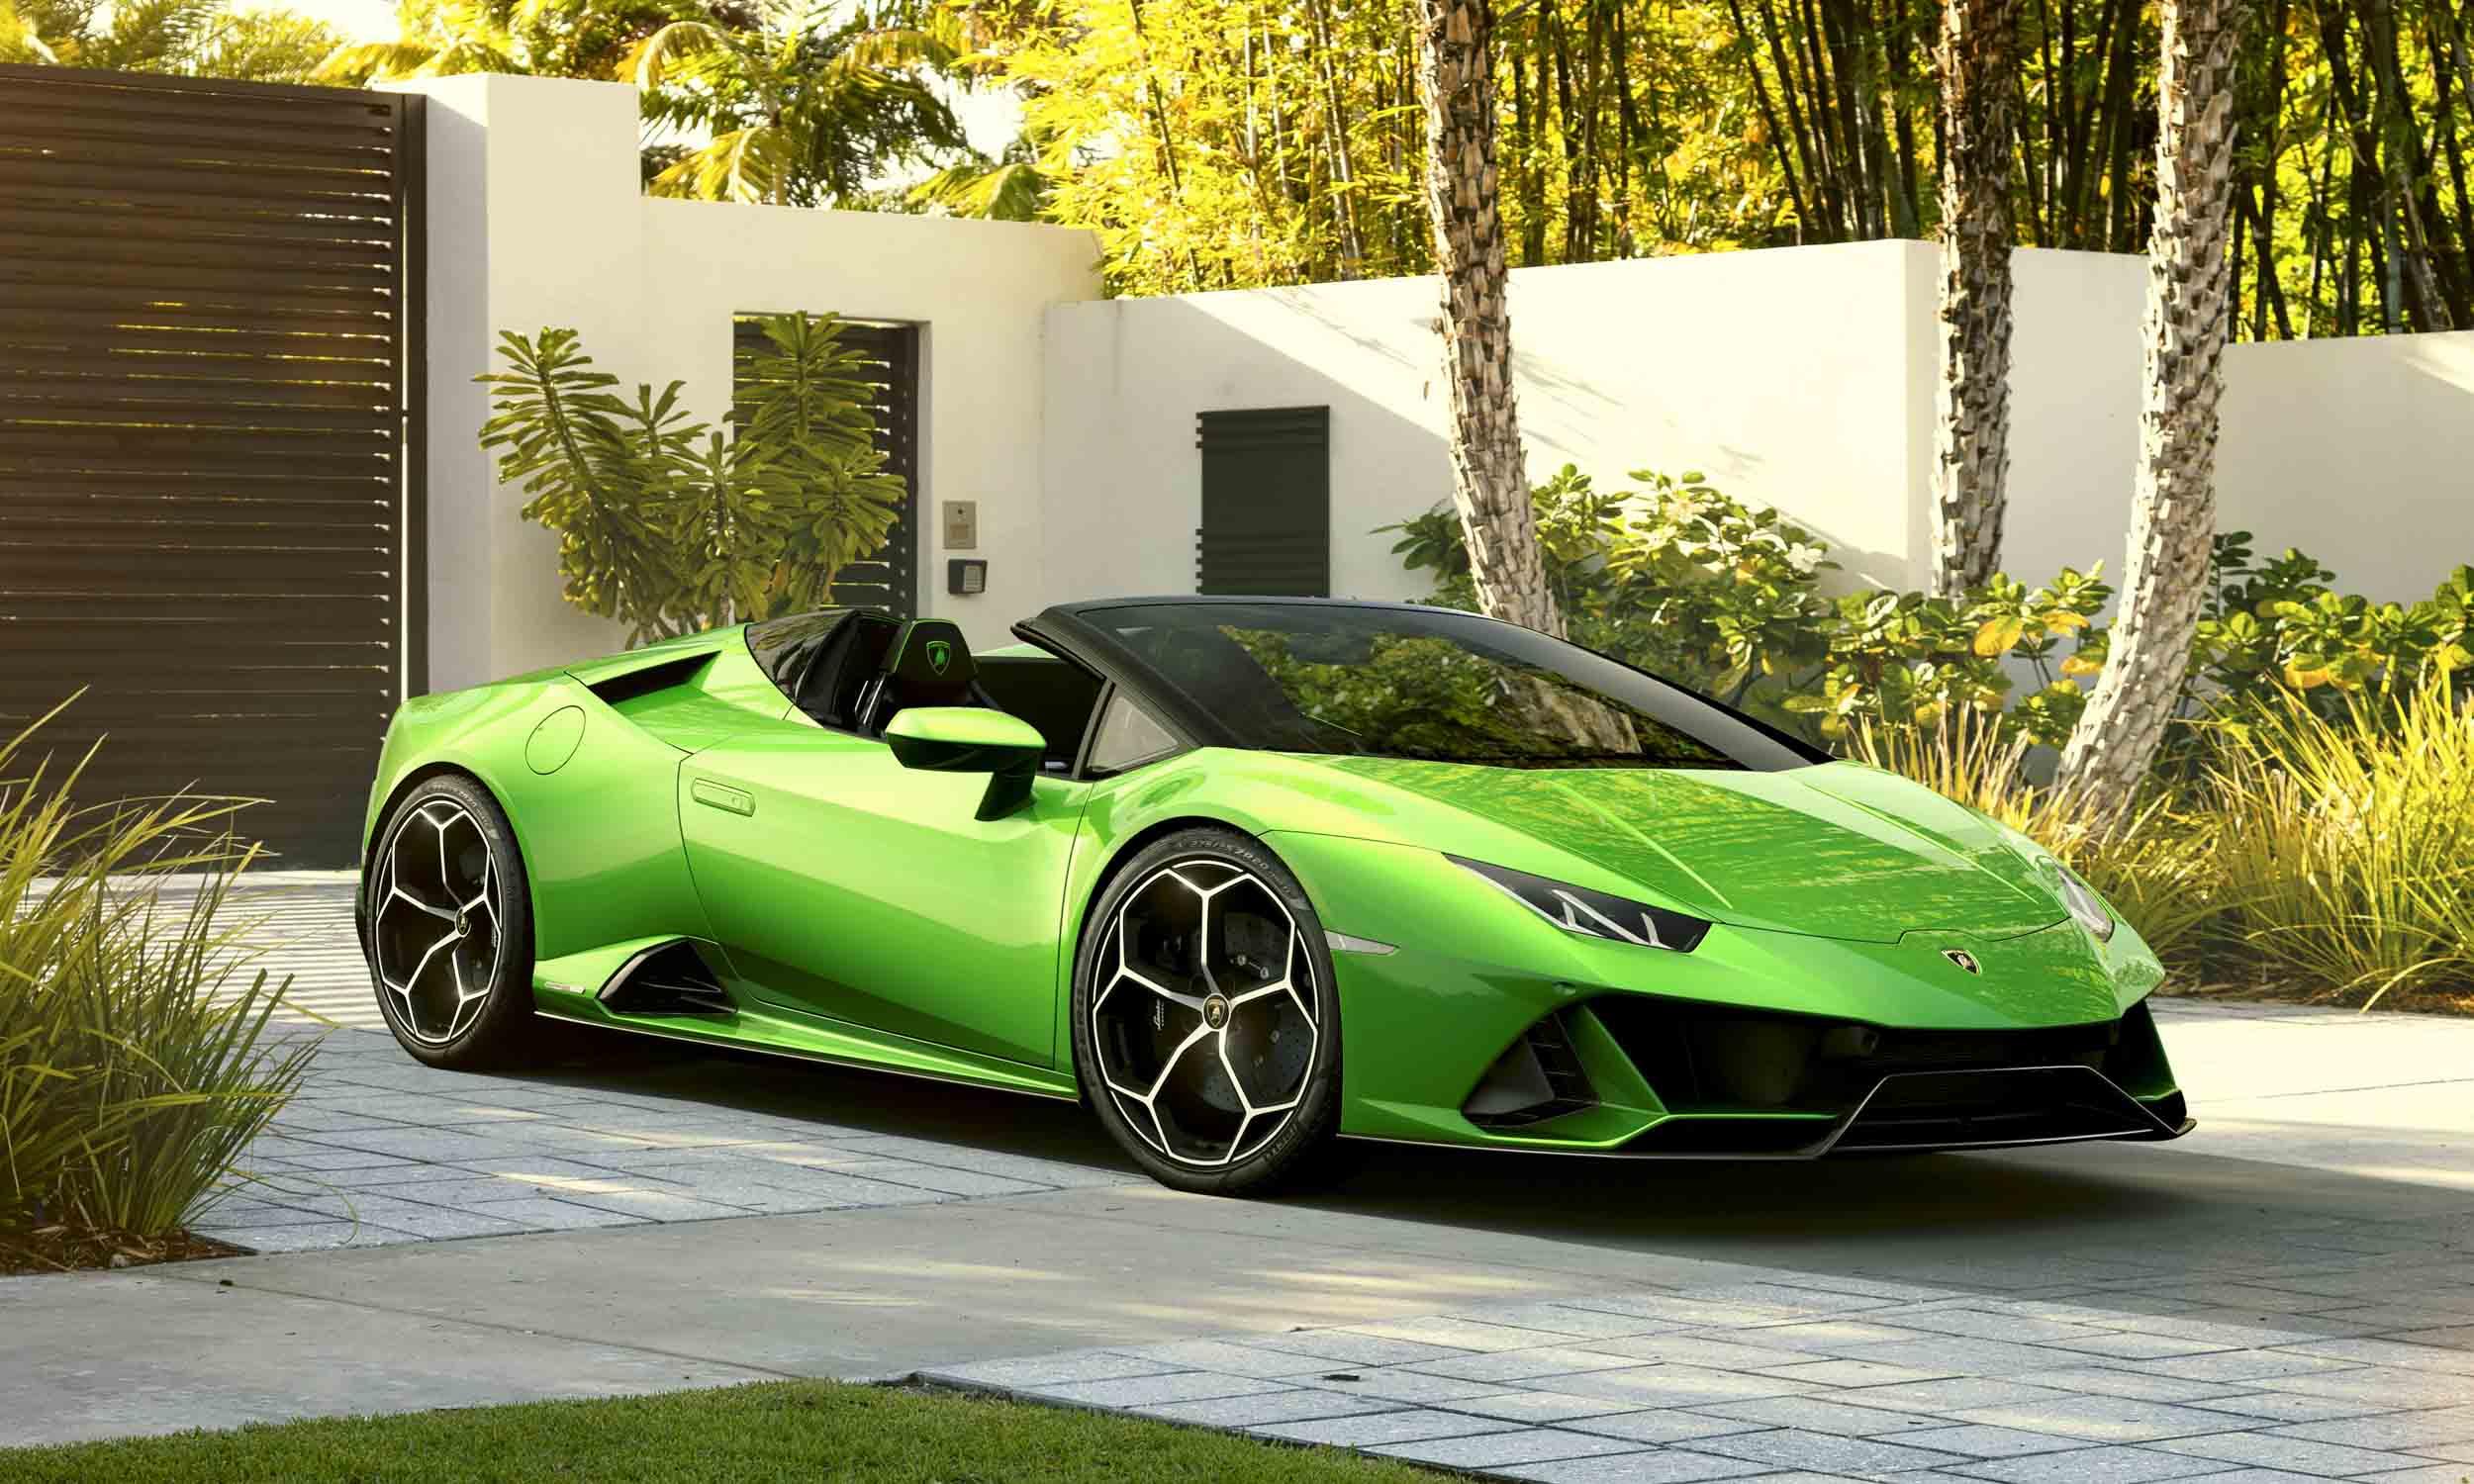 © Automobili Lamborghini S.p.A.